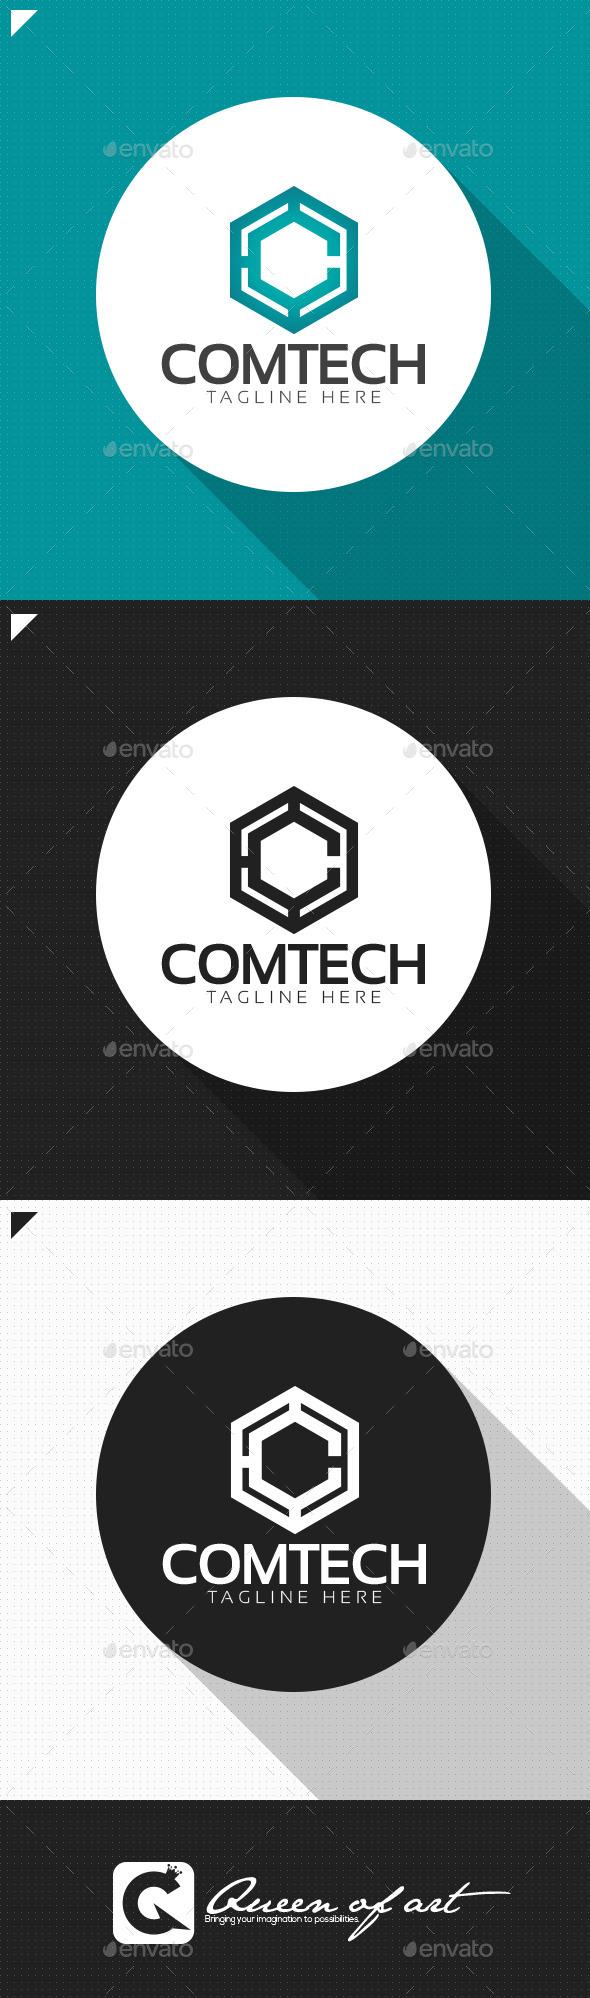 GraphicRiver Comtech Logo 11778837